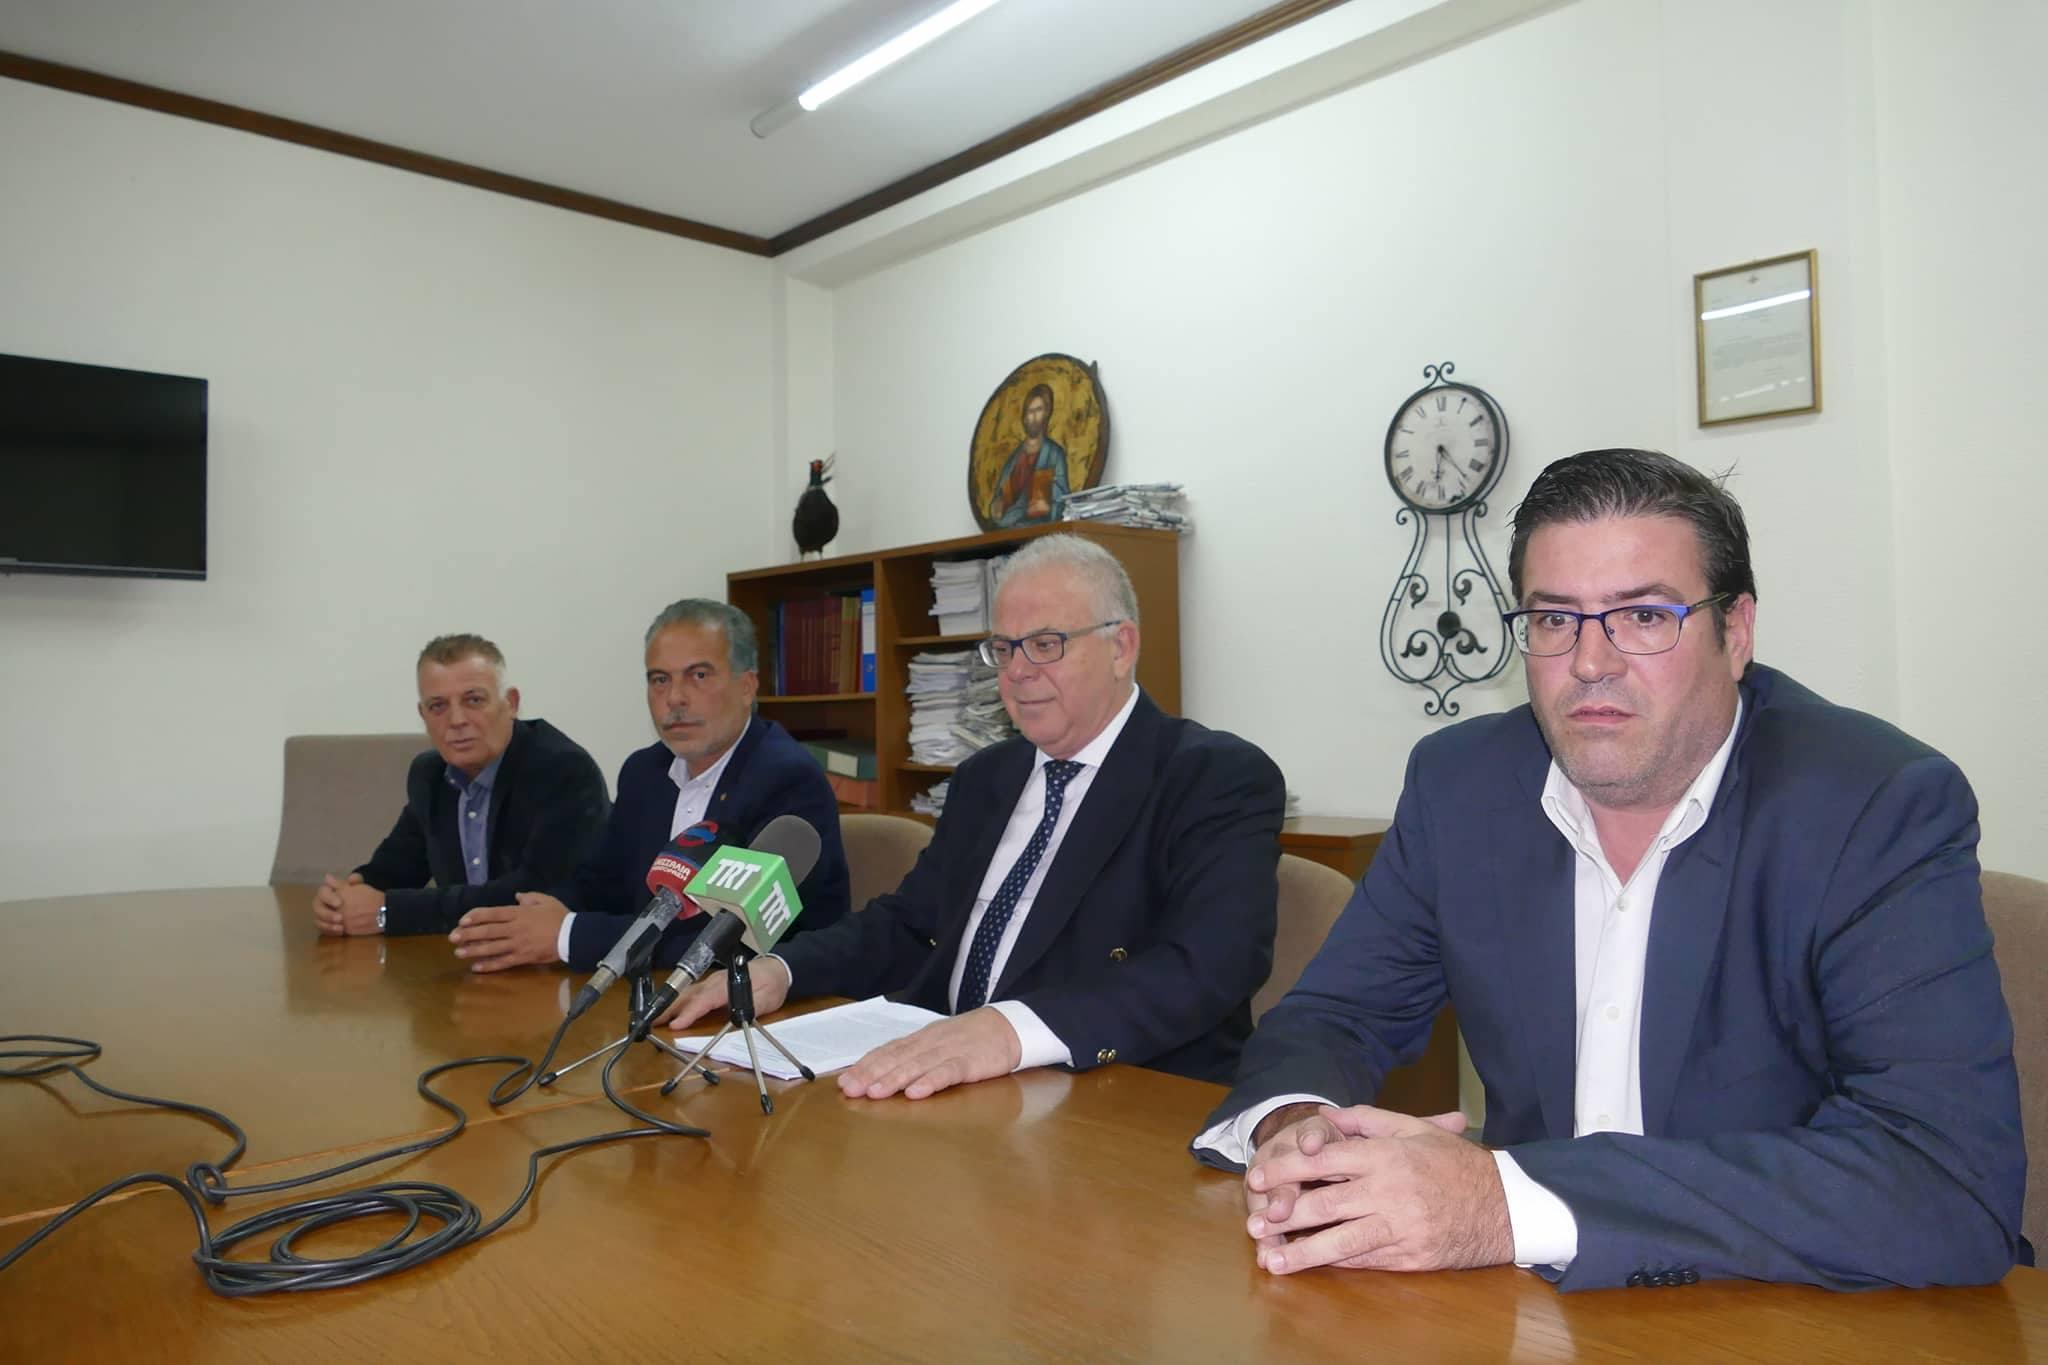 Από τη σημερινή συνέντευξη Τύπου για τις αποφάσεις της Συγκλήτου του ΤΕΙ Θεσσαλίας